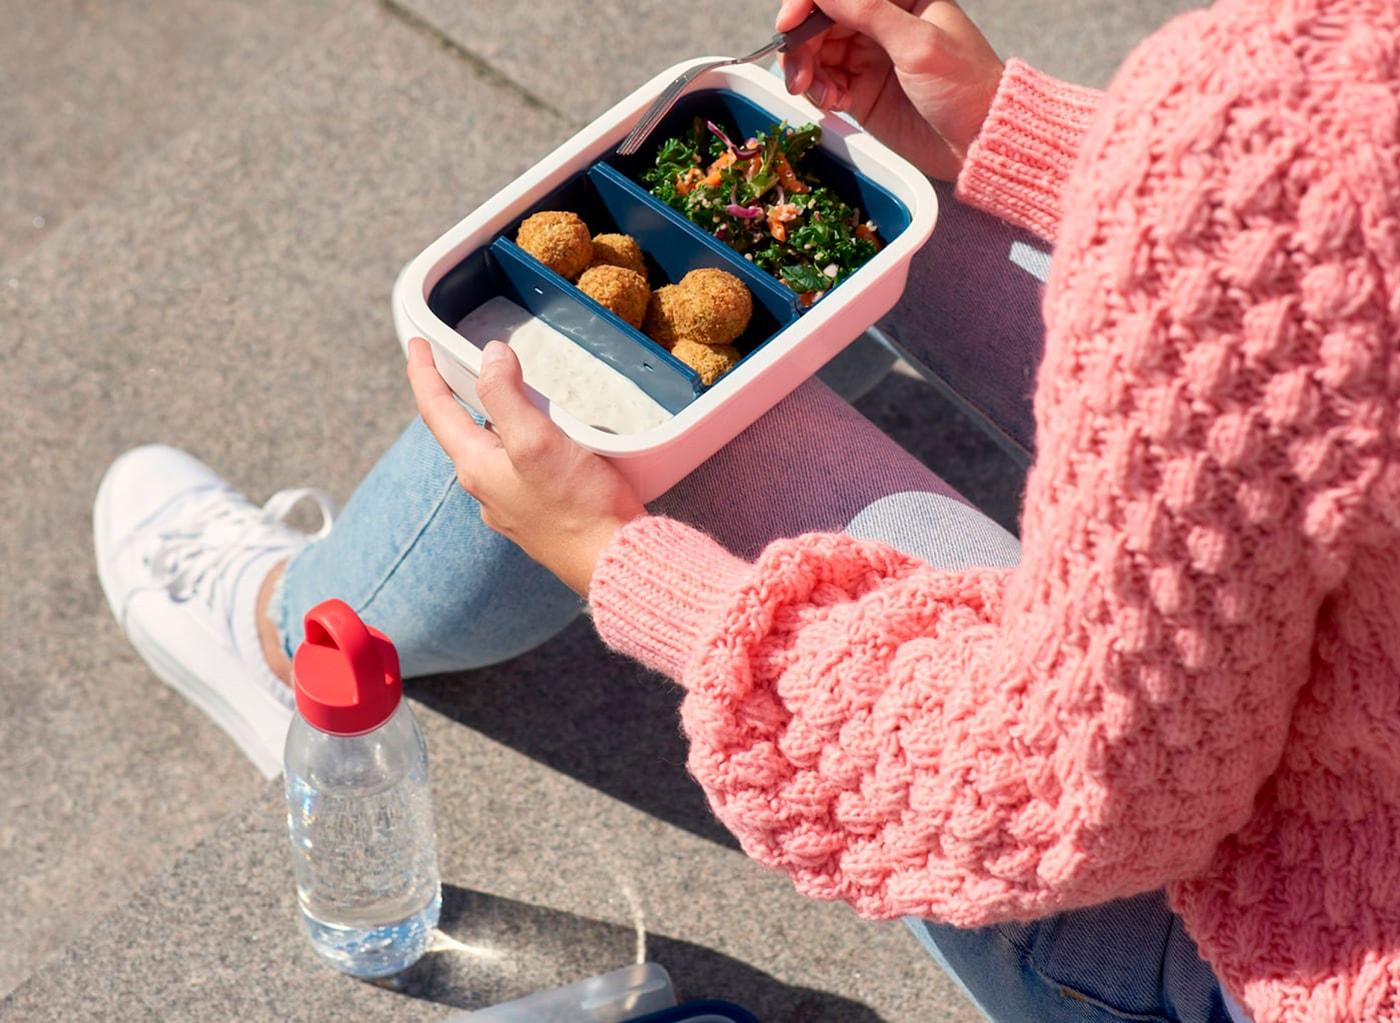 Femme mangeant dans une boîte de conservation en plastique IKEA, avec une bouteille en plastique transparent remplie d'eau à côté d'elle.